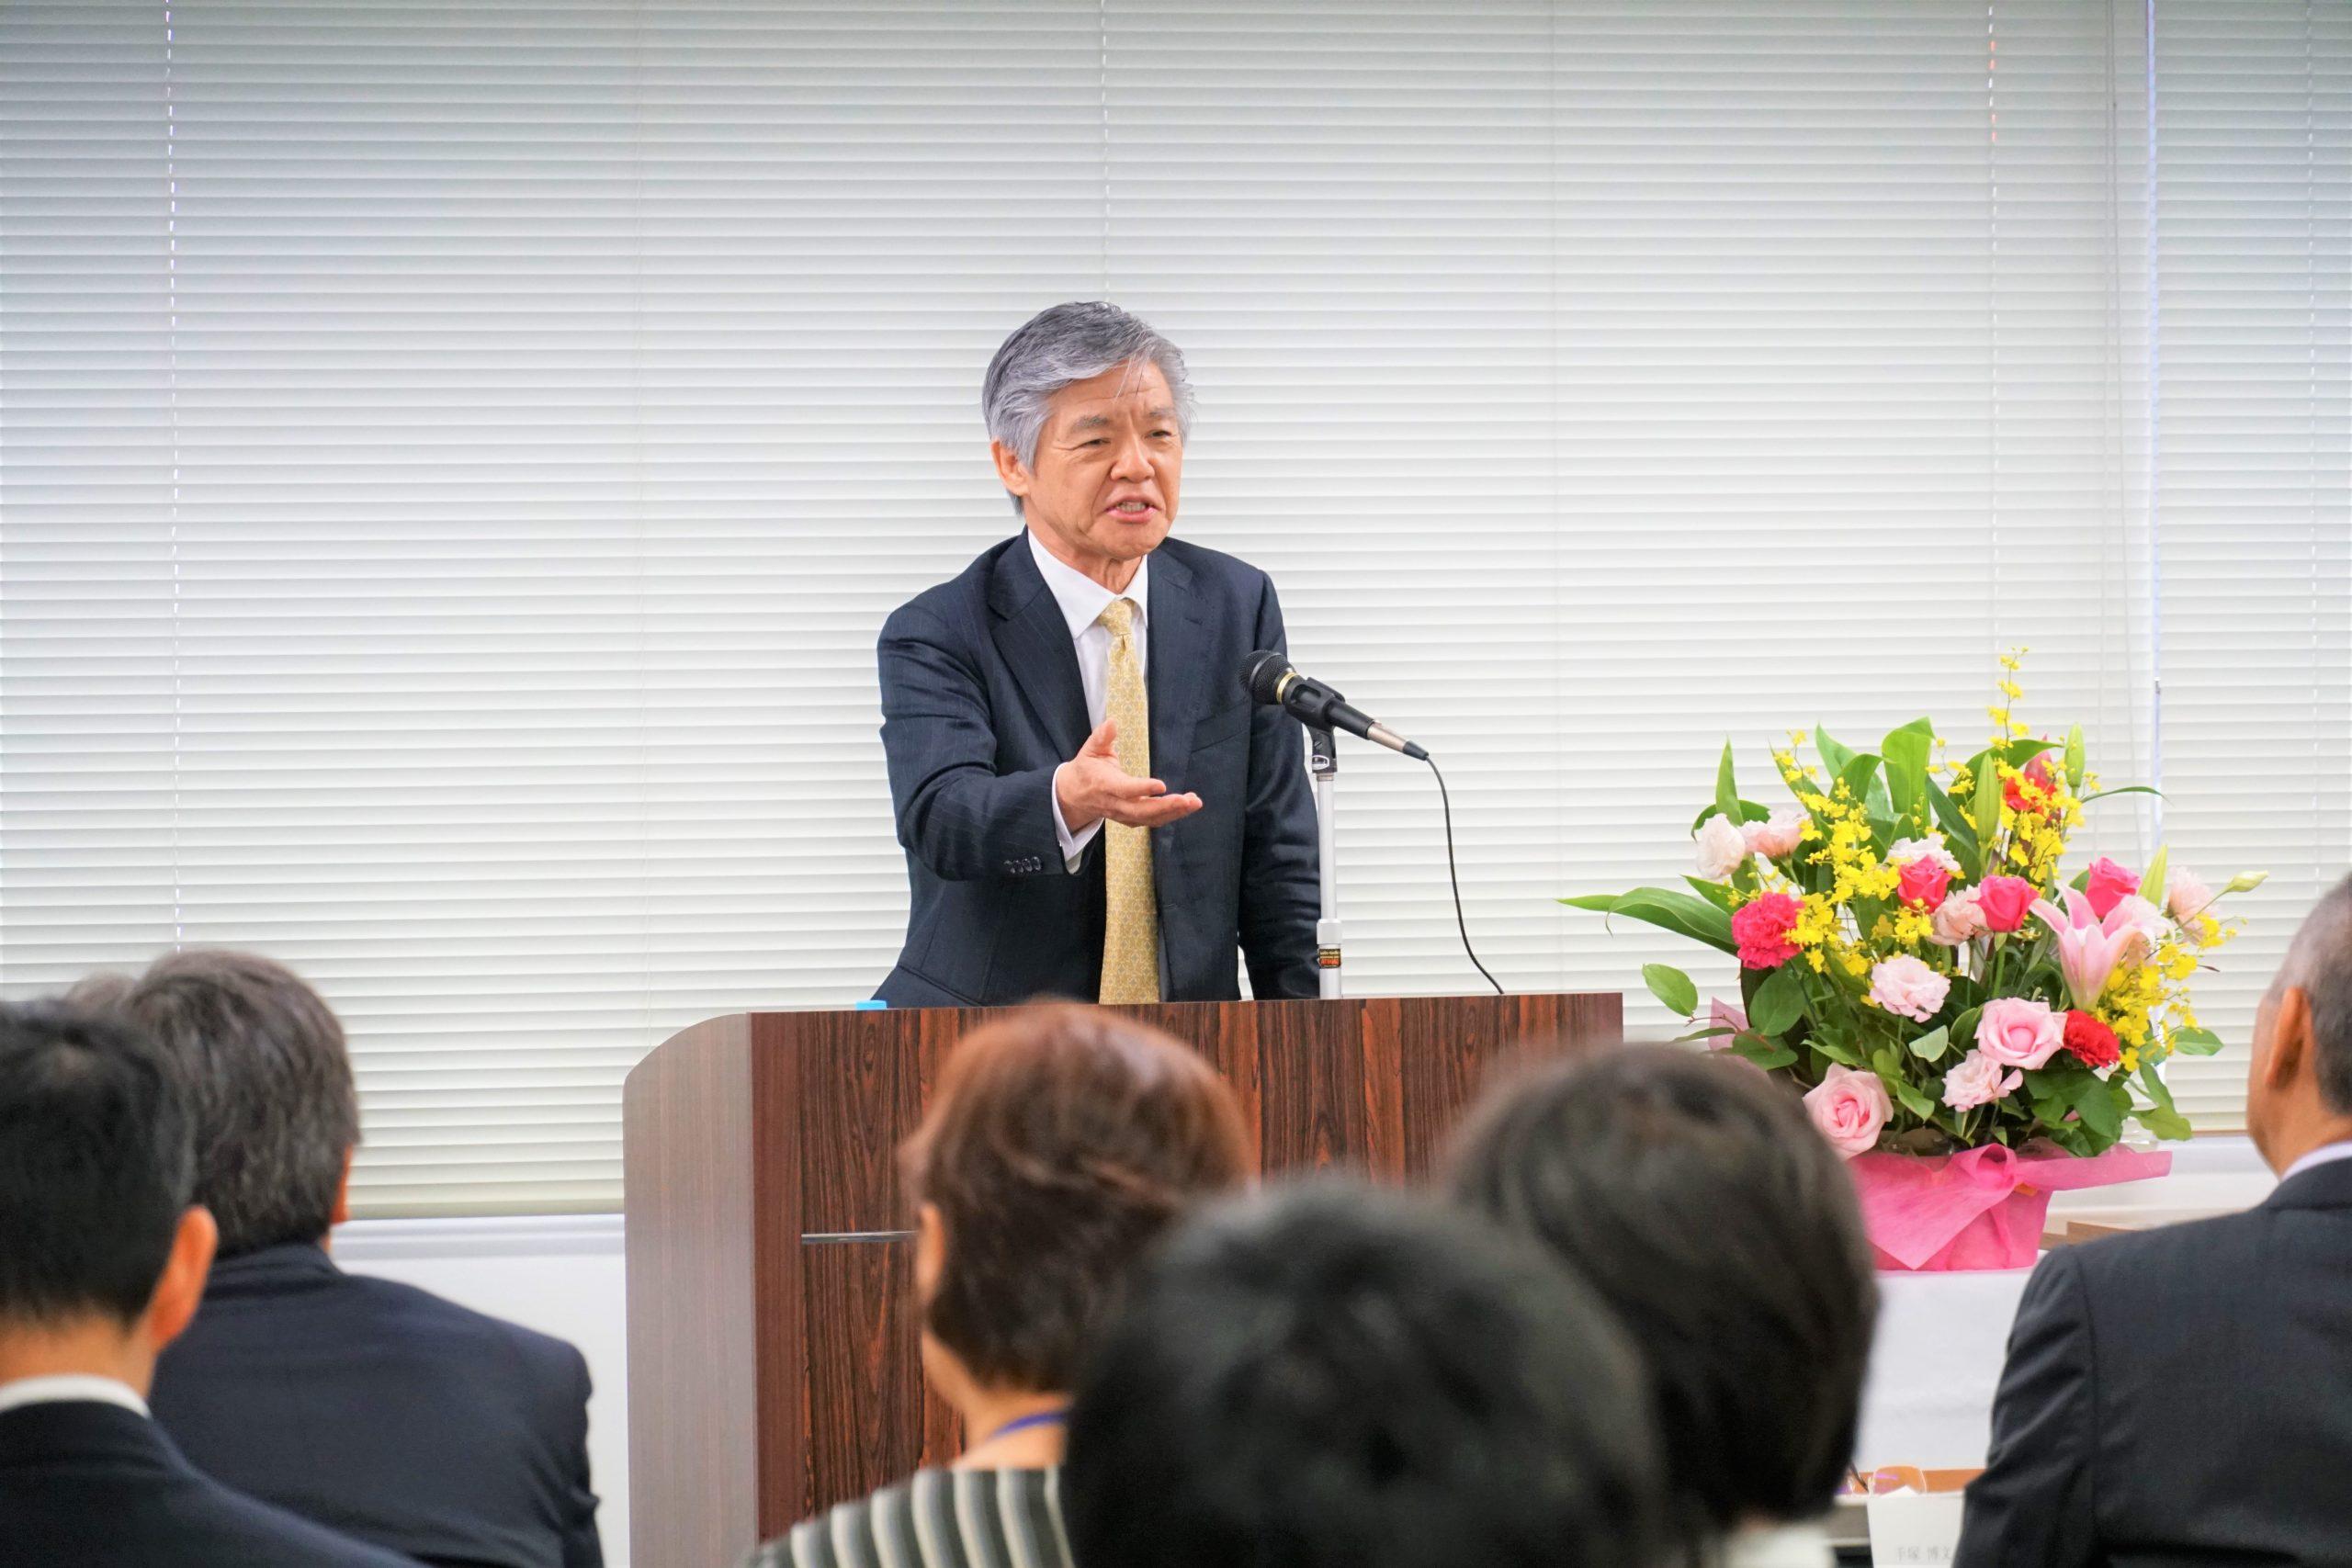 2019年度 創立記念式典での社長挨拶の様子